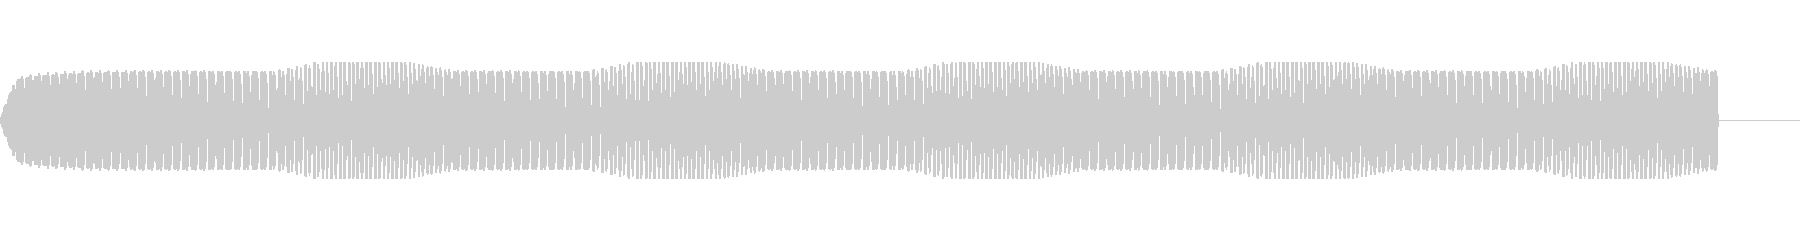 モータ・エンジンの駆動音【ドドドドド】の未再生の波形